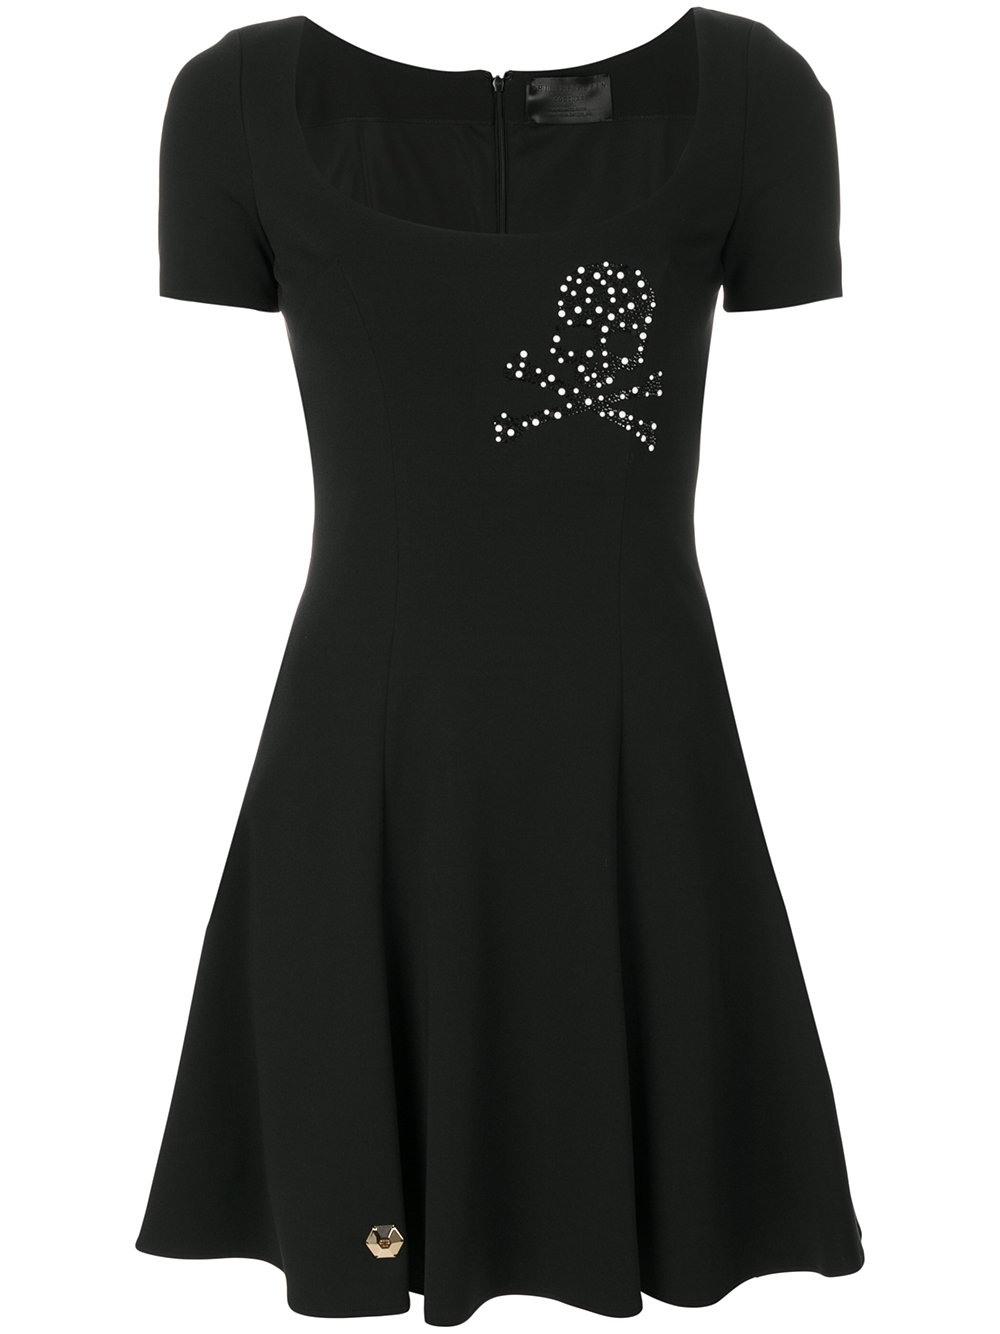 Abend Erstaunlich Tageskleider Damen Vertrieb13 Coolste Tageskleider Damen für 2019